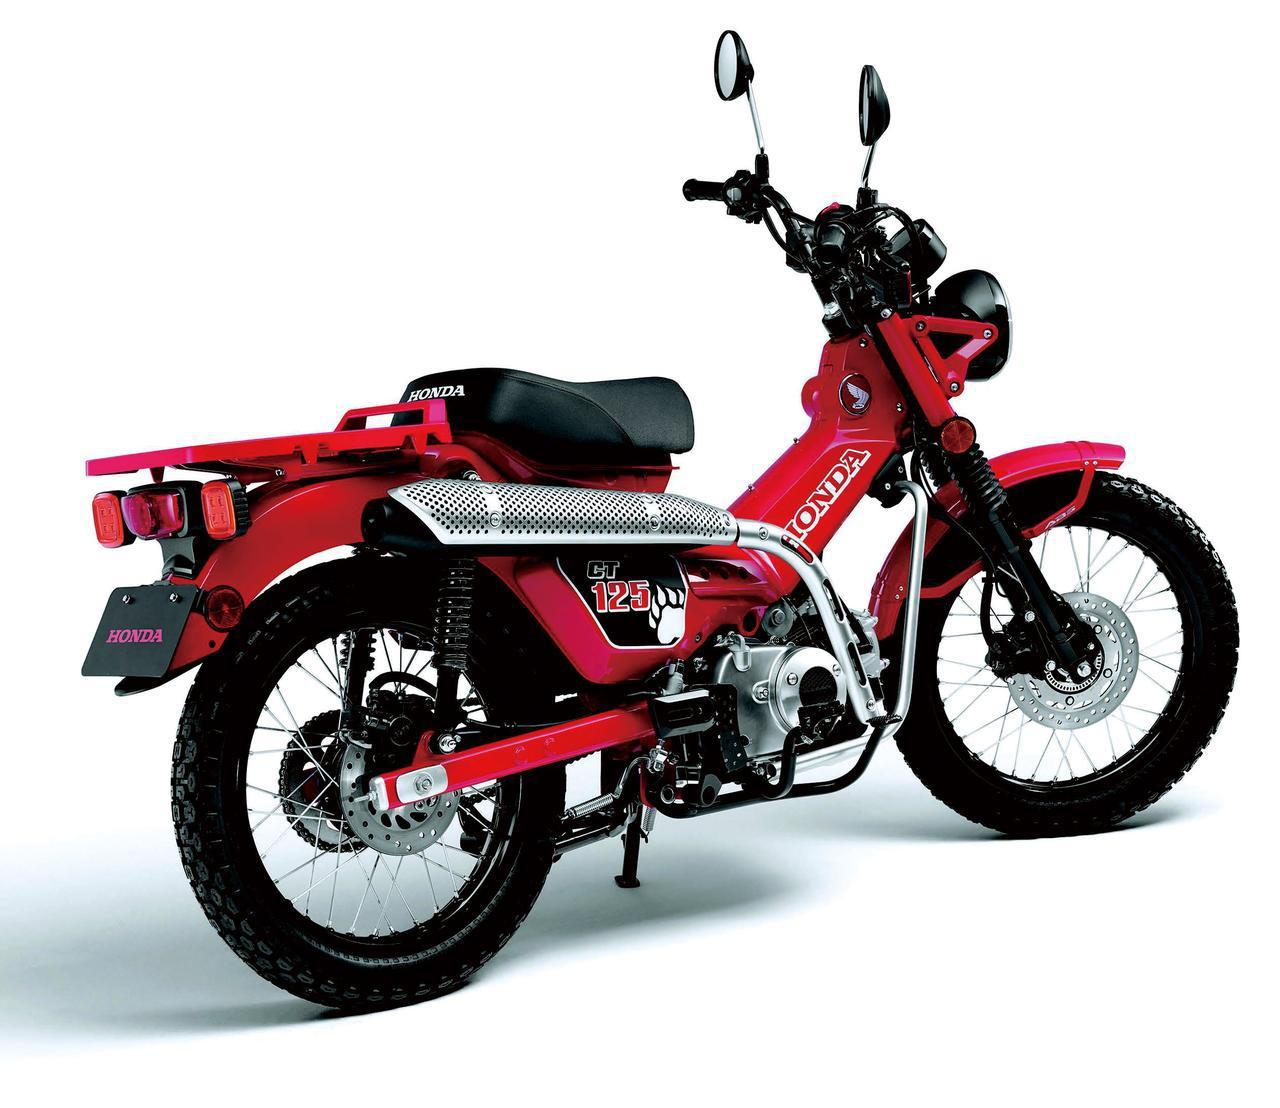 画像: 早くも話題沸騰!次世代のハンターカブ「CT125」のディテール全部見せます!【東京モーターショー2019速報 Vol.3】-Hondaブース出展車両- - webオートバイ